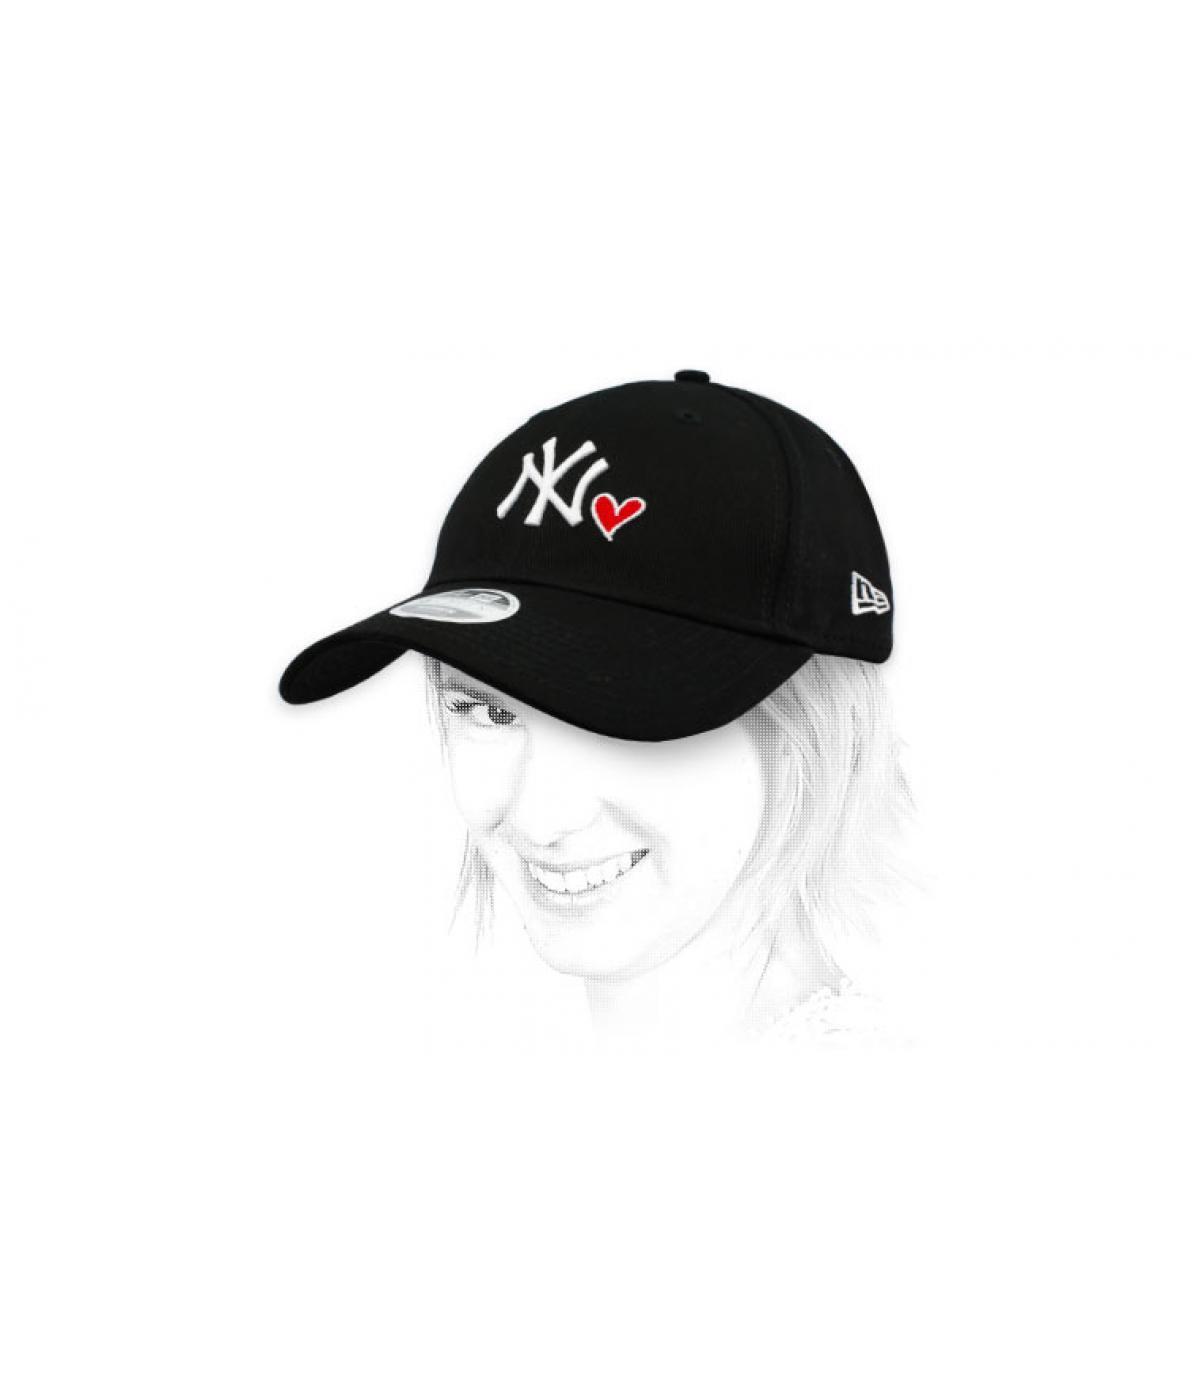 NY black heart cap